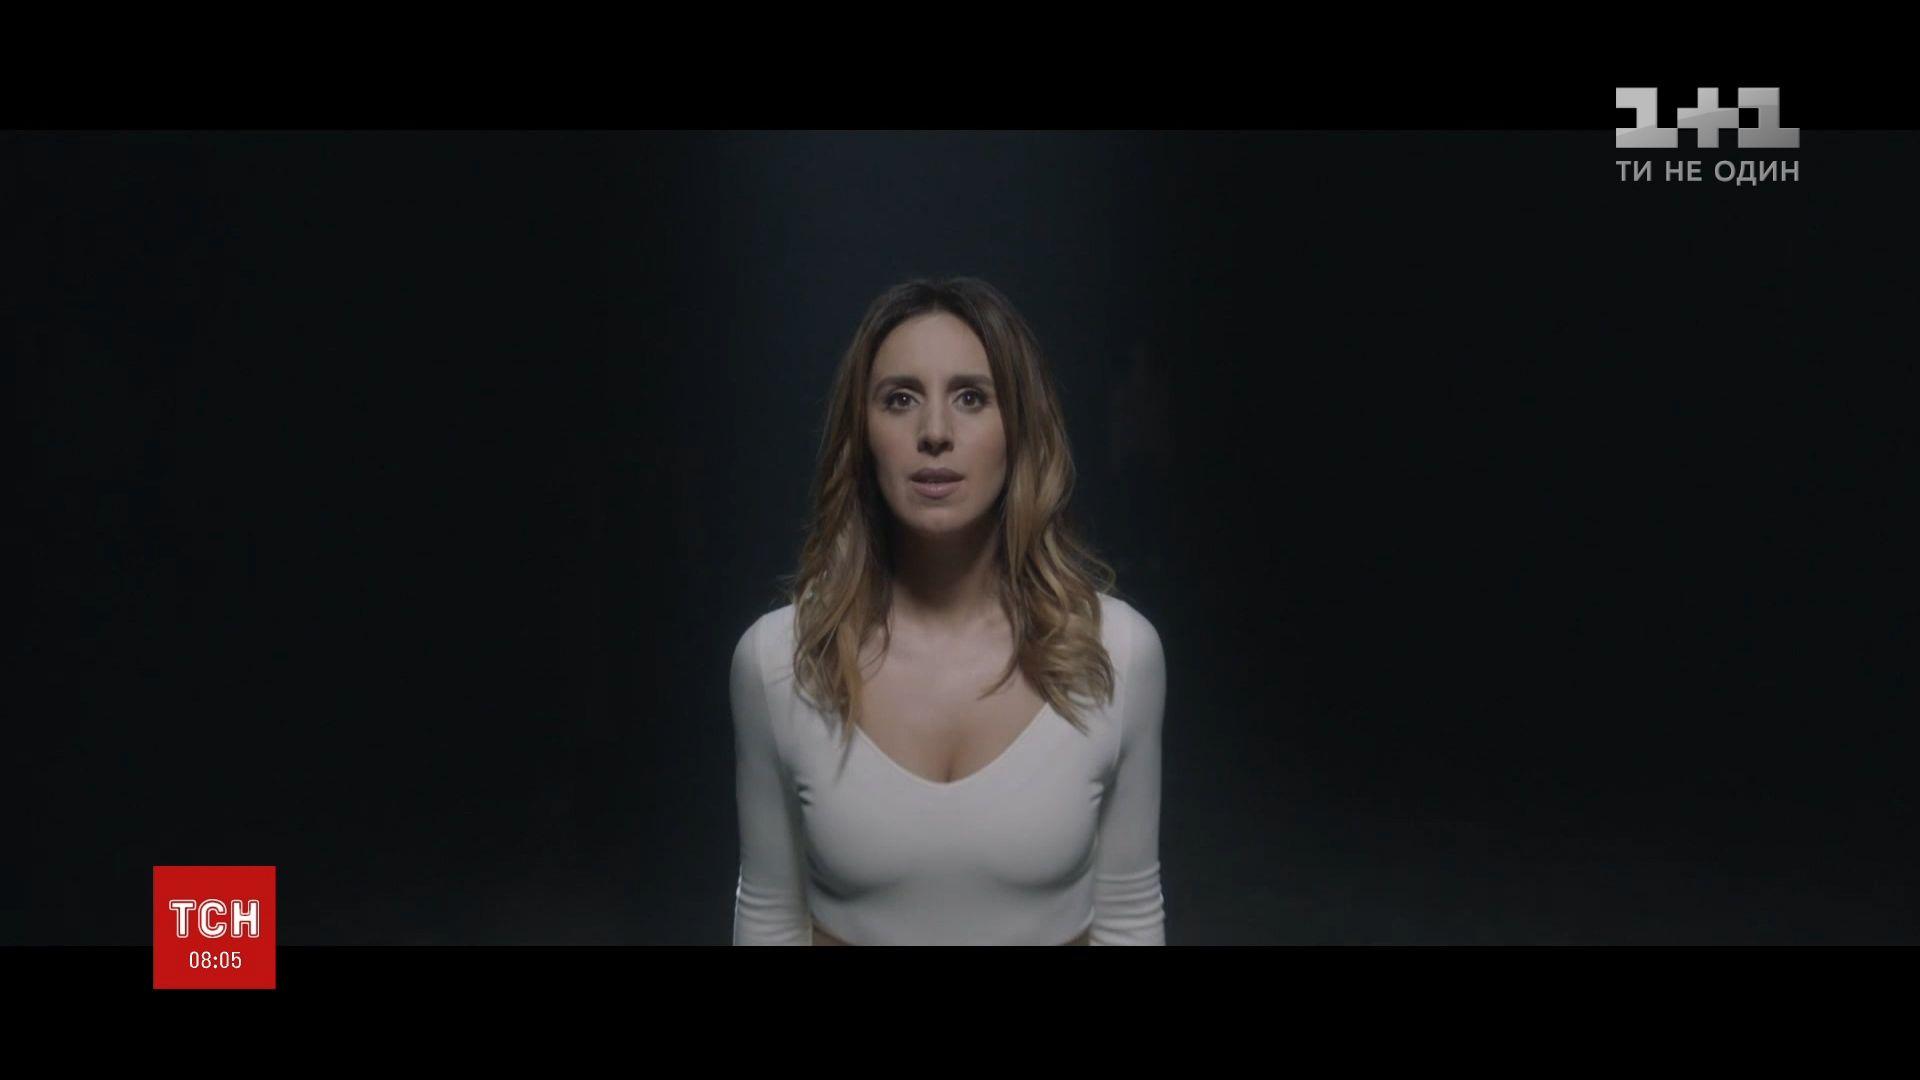 Джамала знялася в промо-ролику в рамках інформаційної кампанії з протидії торгівлі людьми /